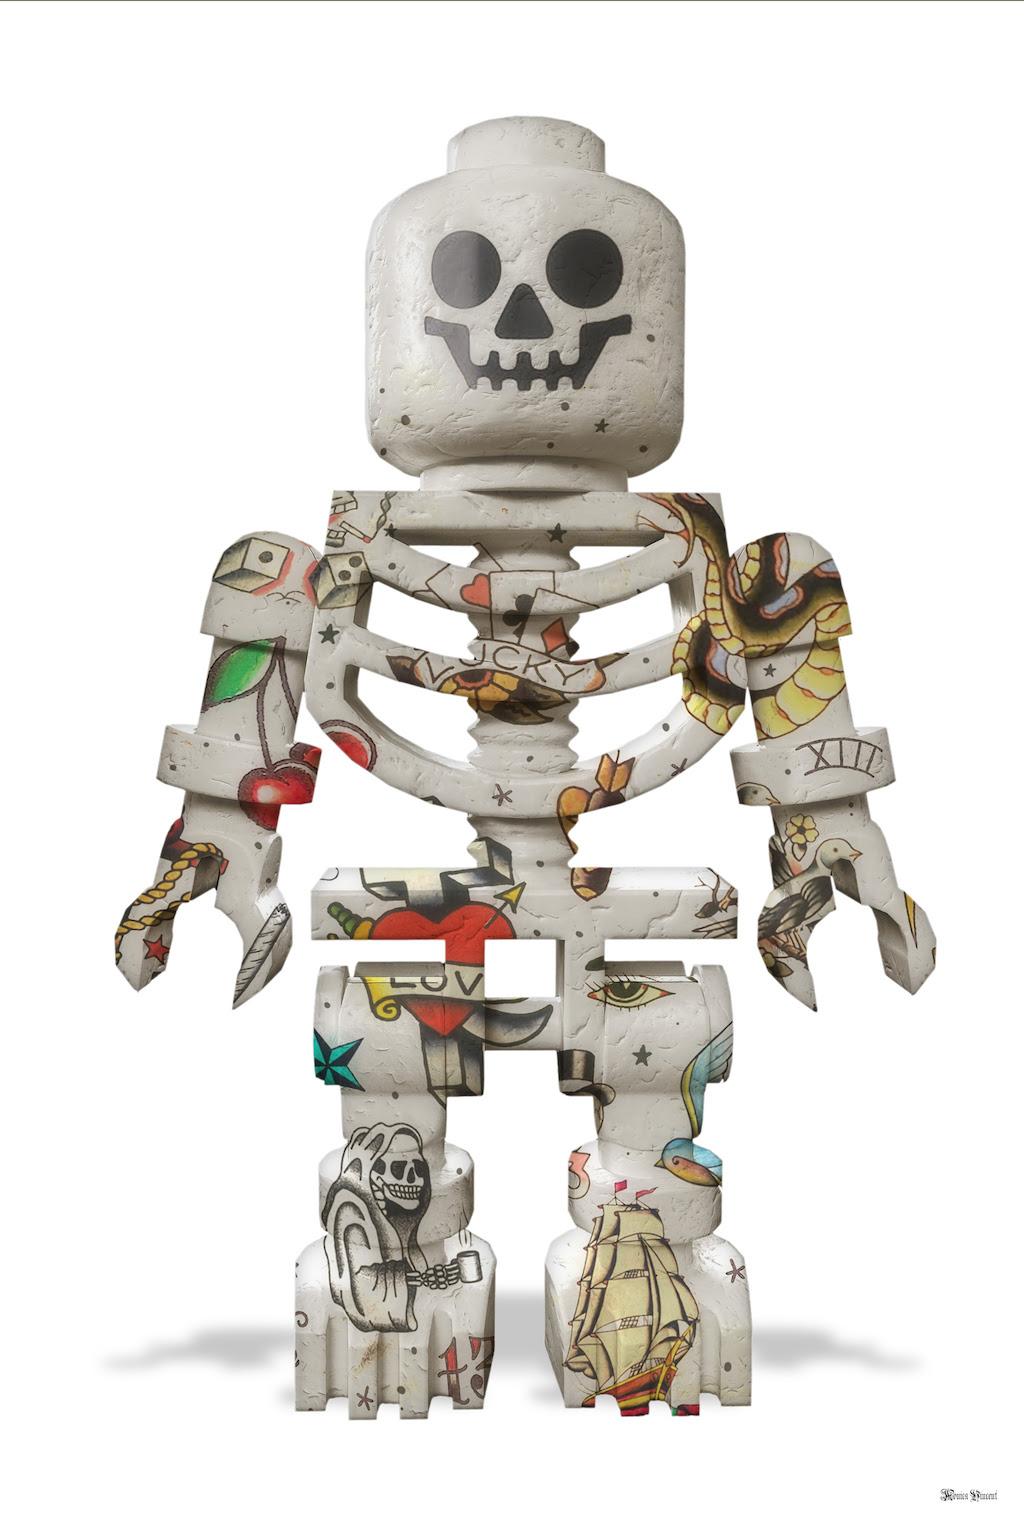 Lego Skeleton (White Background) - Large - Framed by Monica Vincent